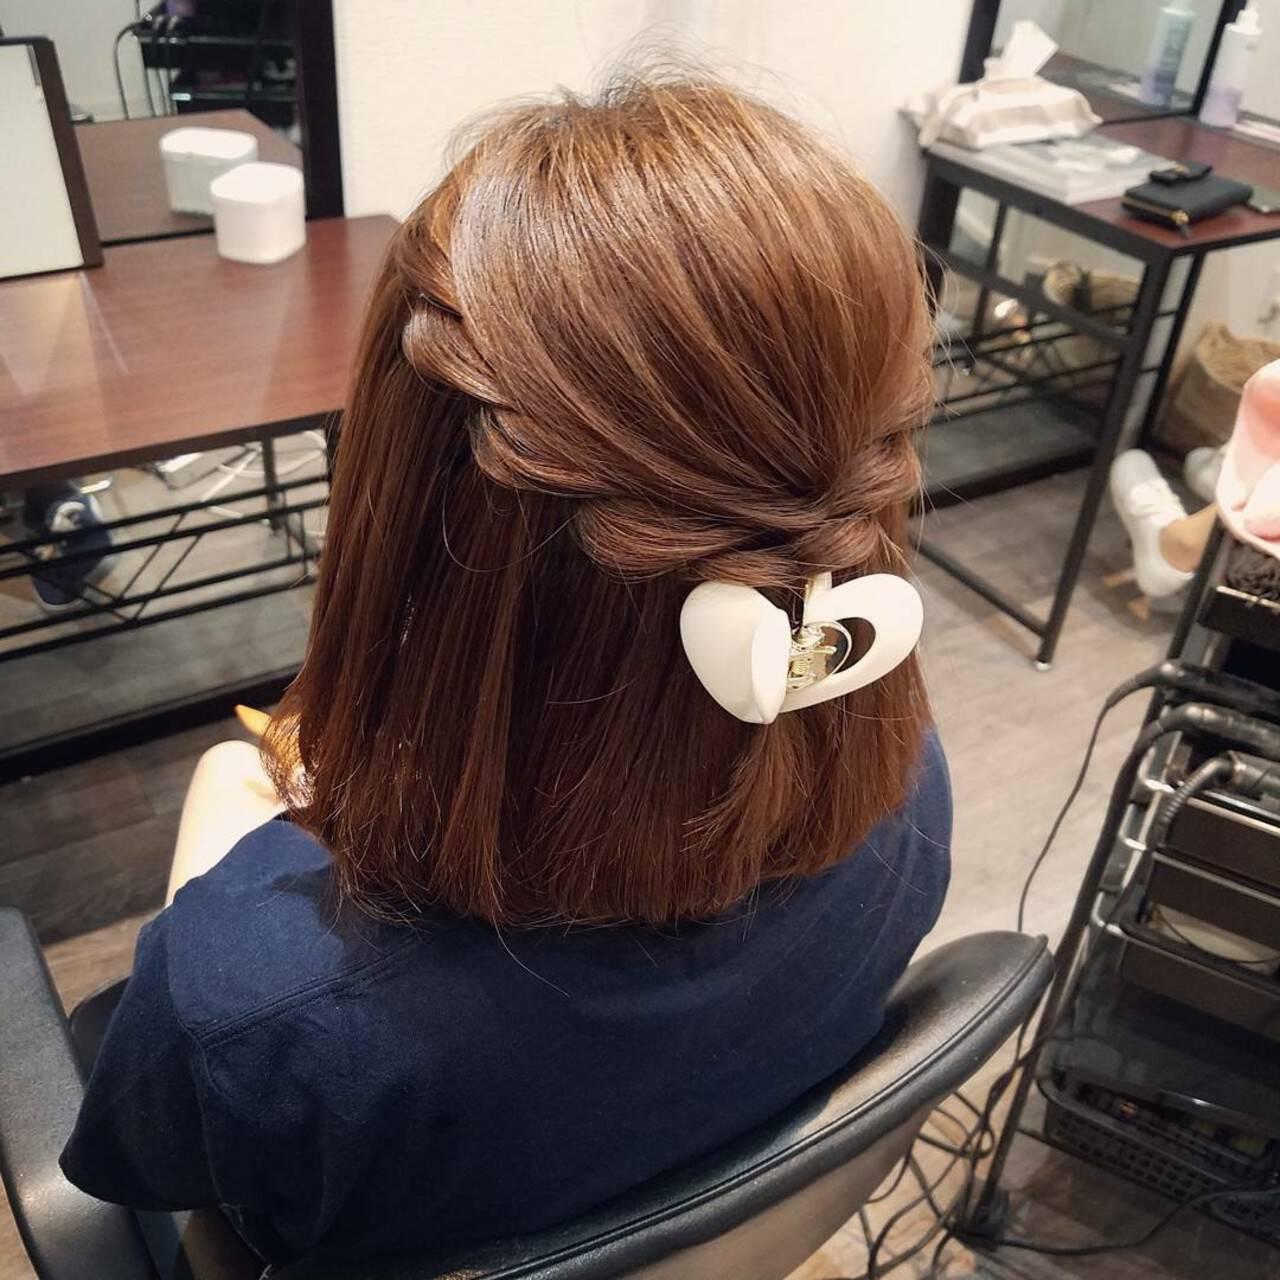 ナチュラル ヘアアレンジ ボブ ハーフアップヘアスタイルや髪型の写真・画像